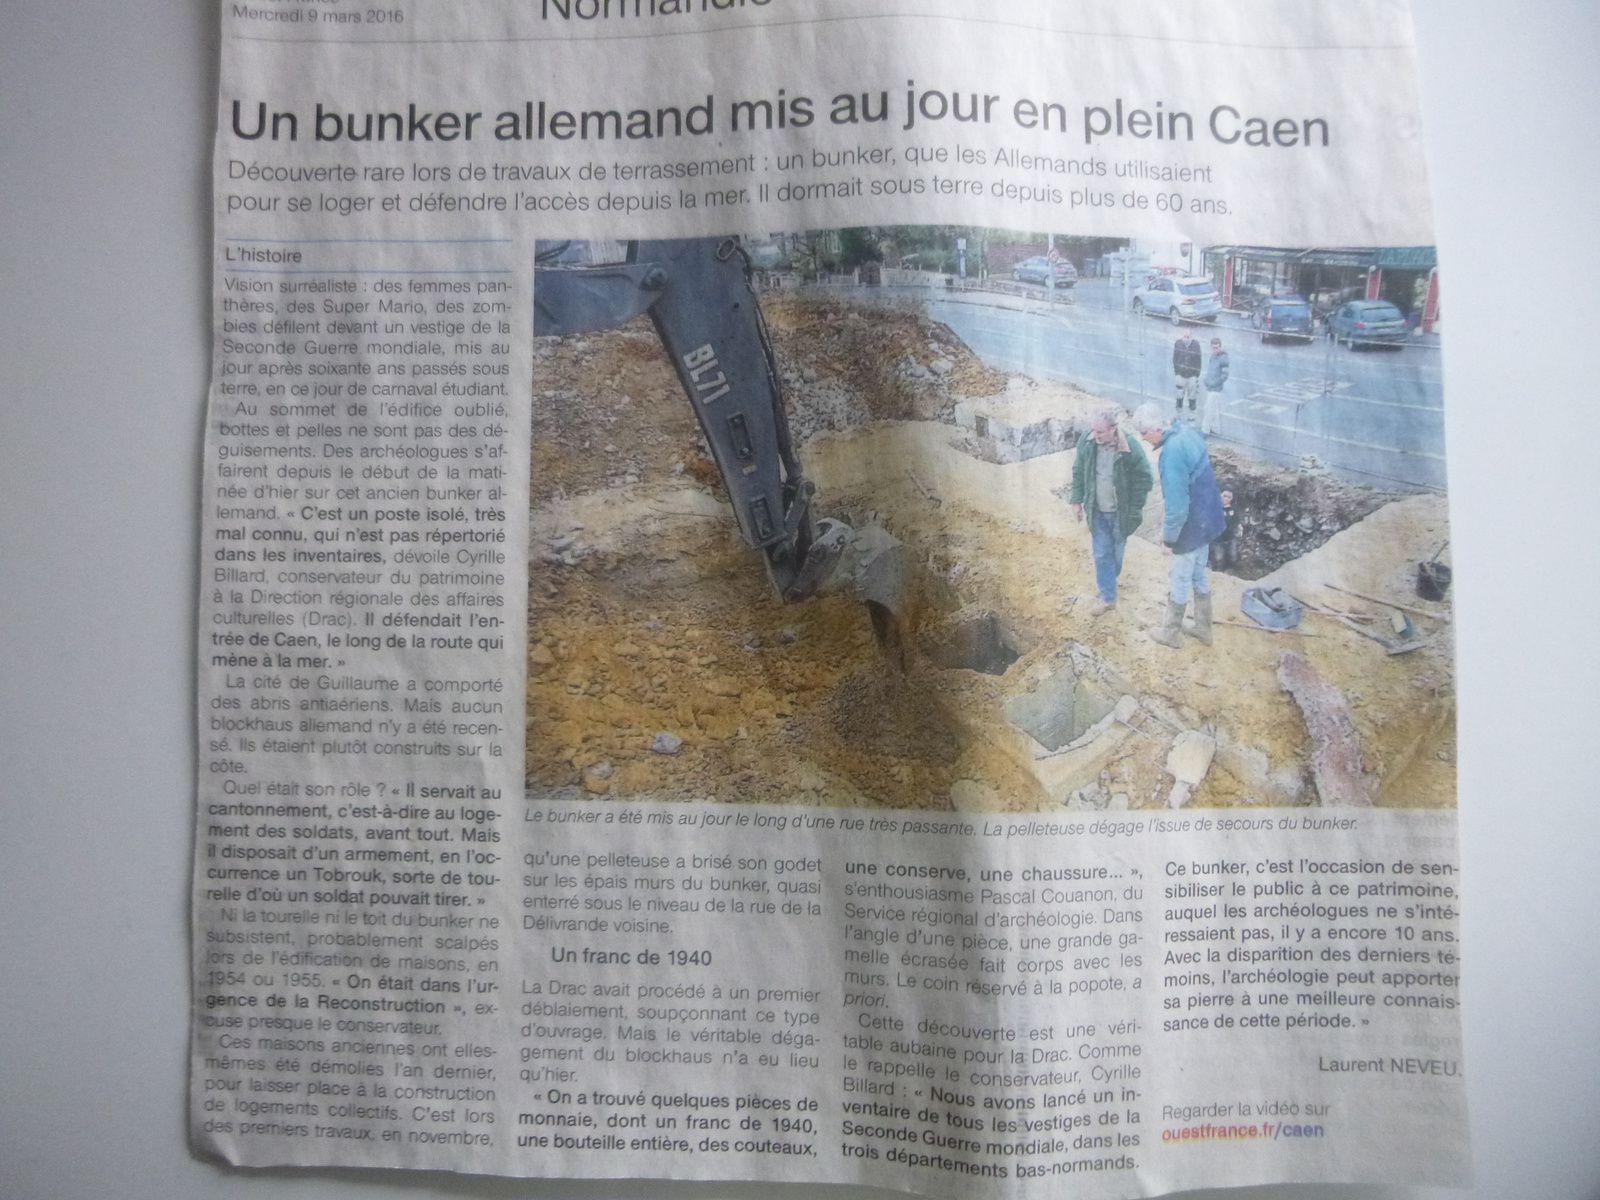 un bunker retrouvé a caen